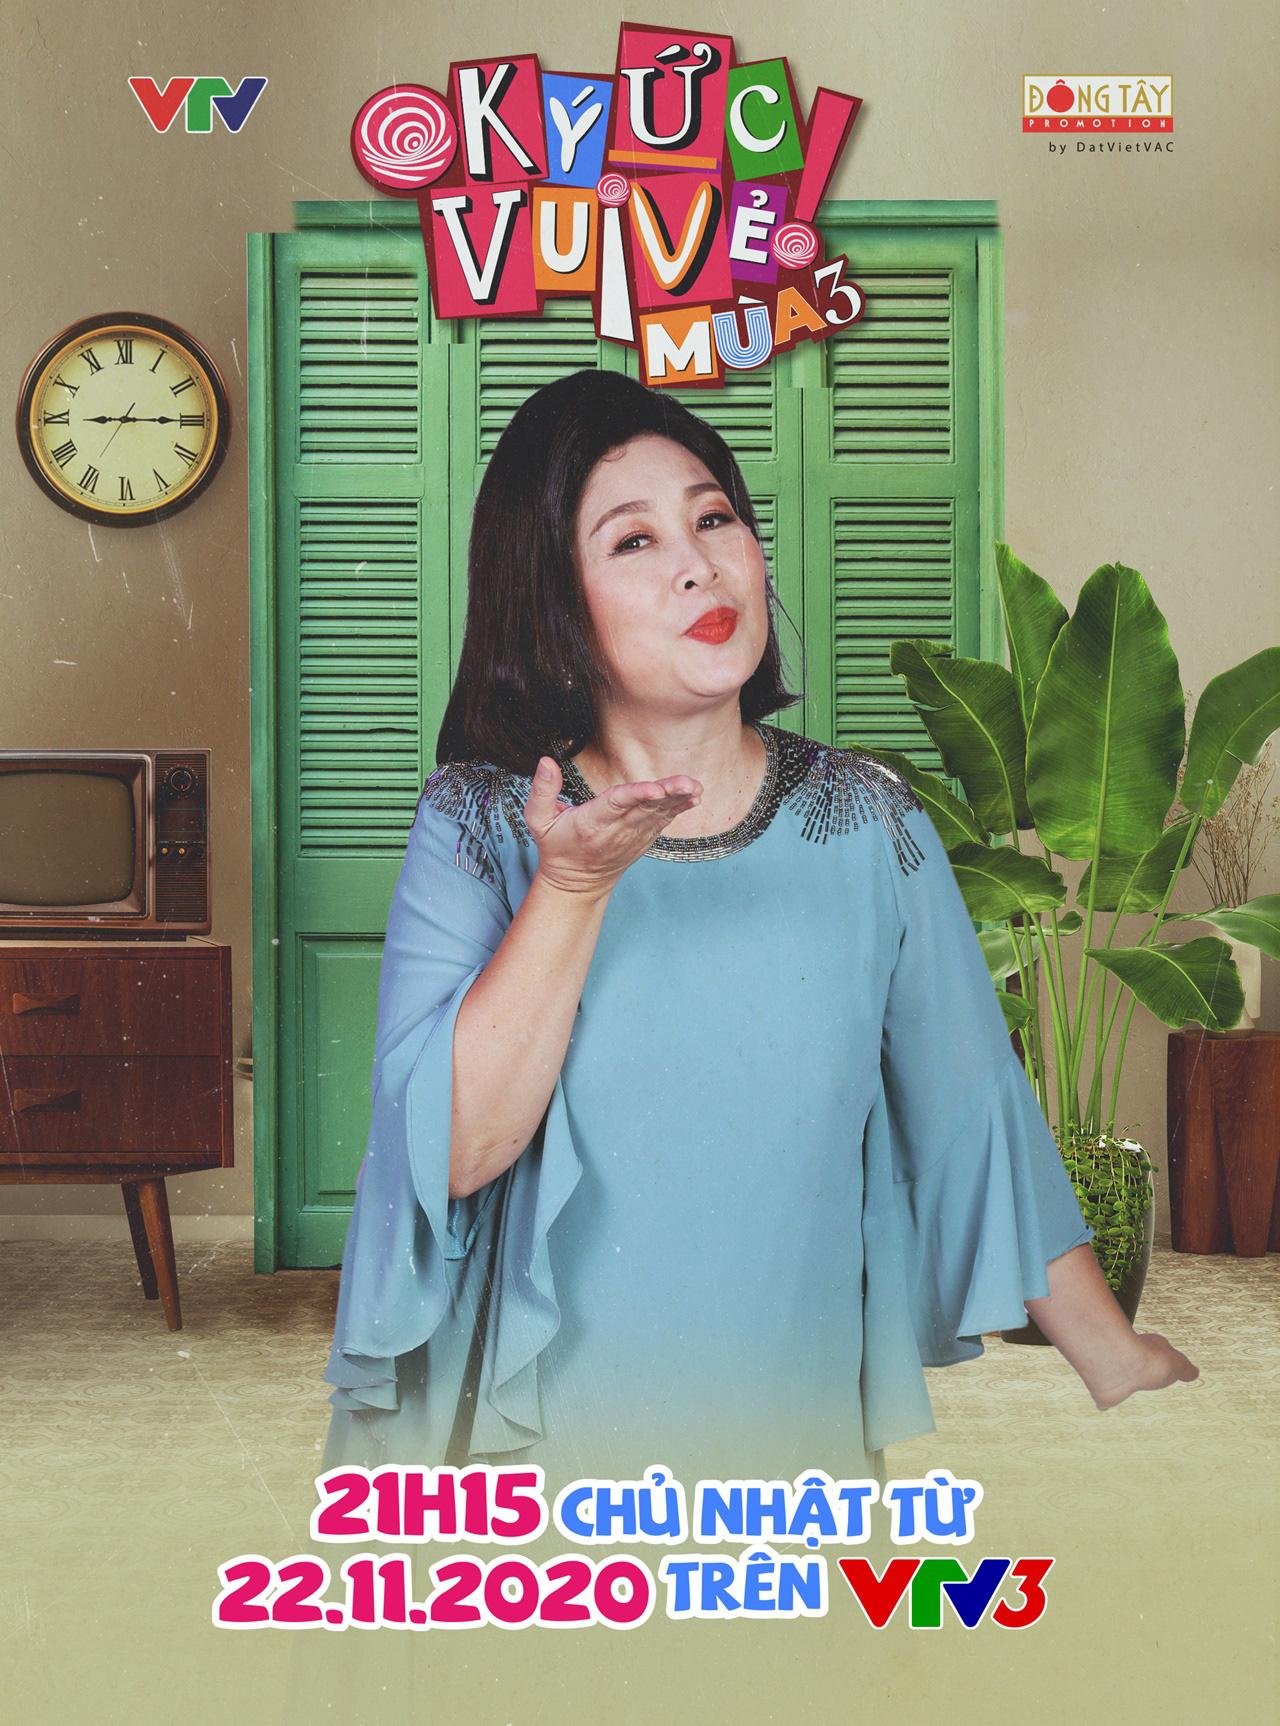 Ca sĩ Minh Tuyết, NSND Lệ Thủy xuất hiện trong Ký ức vui vẻ mùa 3 - Ảnh 3.